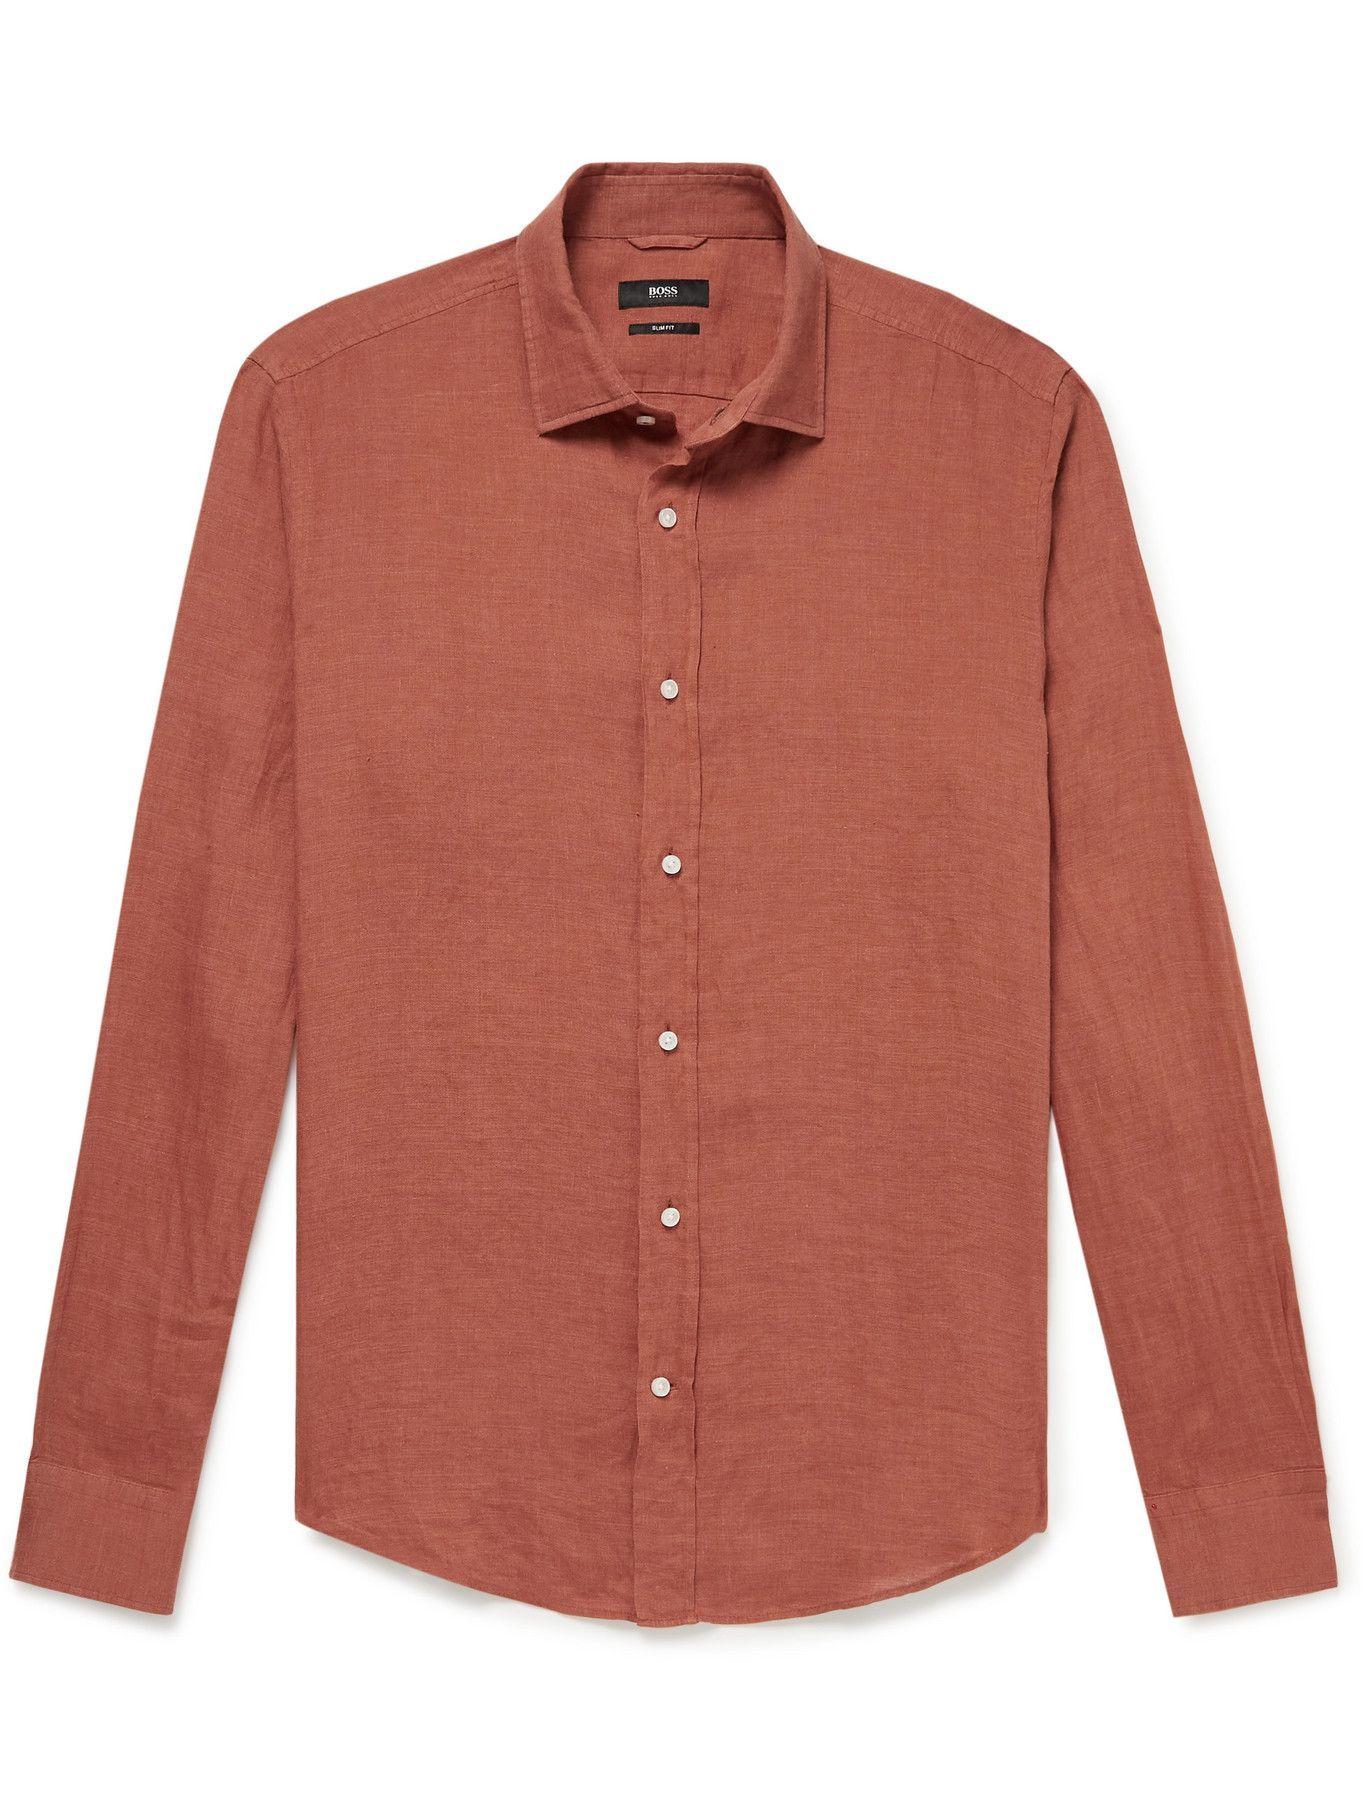 HUGO BOSS - Joy Linen Shirt - Brown